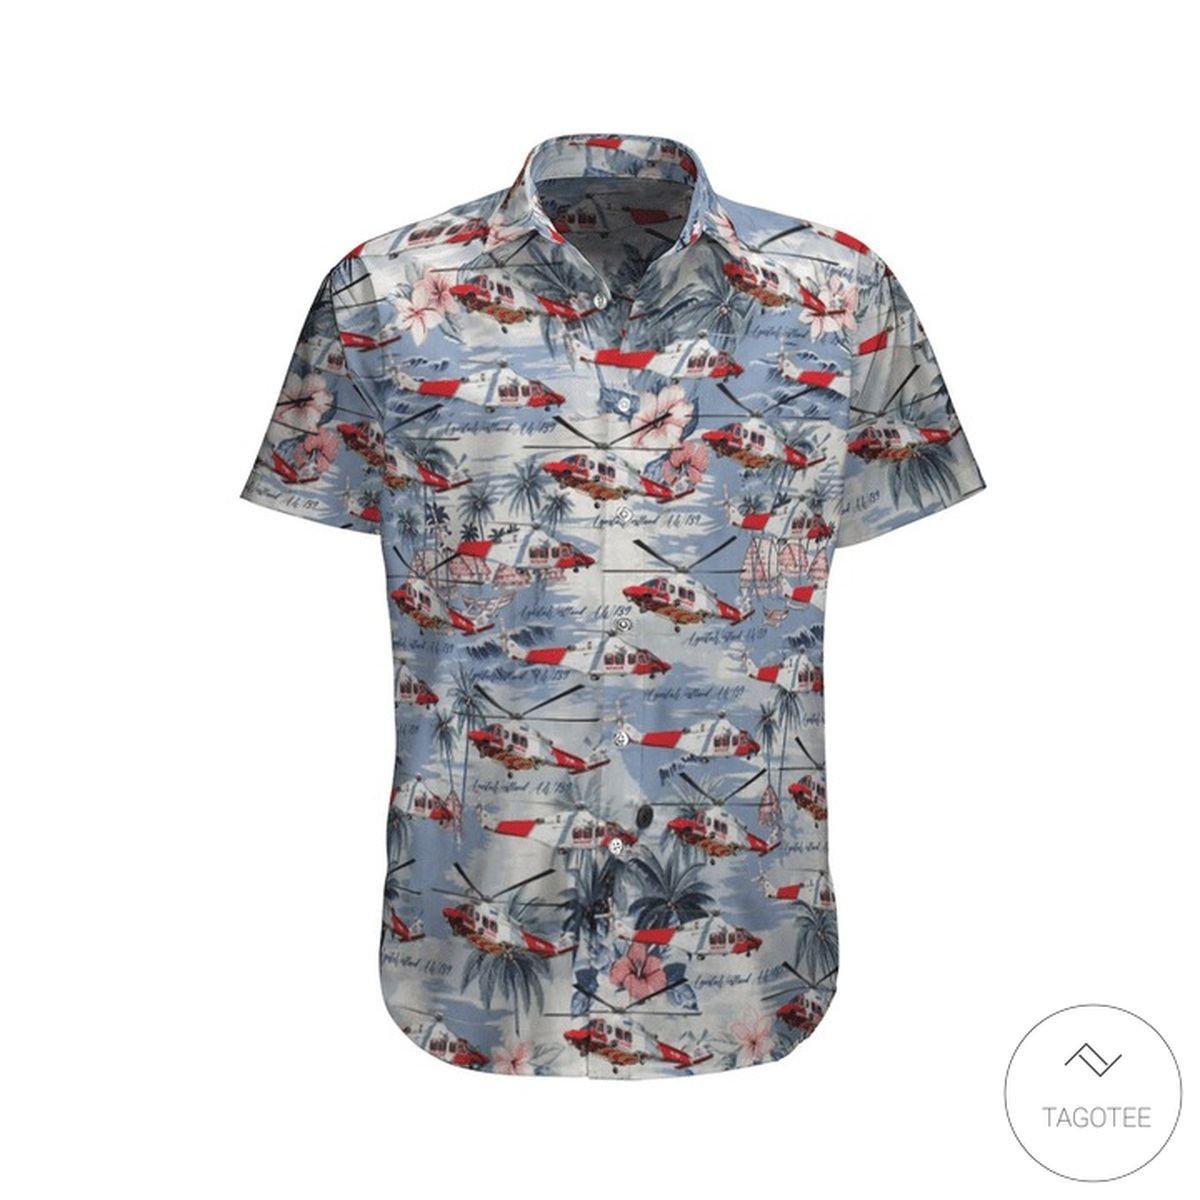 Agustawestland AW139 Royal Australian Air Force Hawaiian Shirt, Beach Shorts